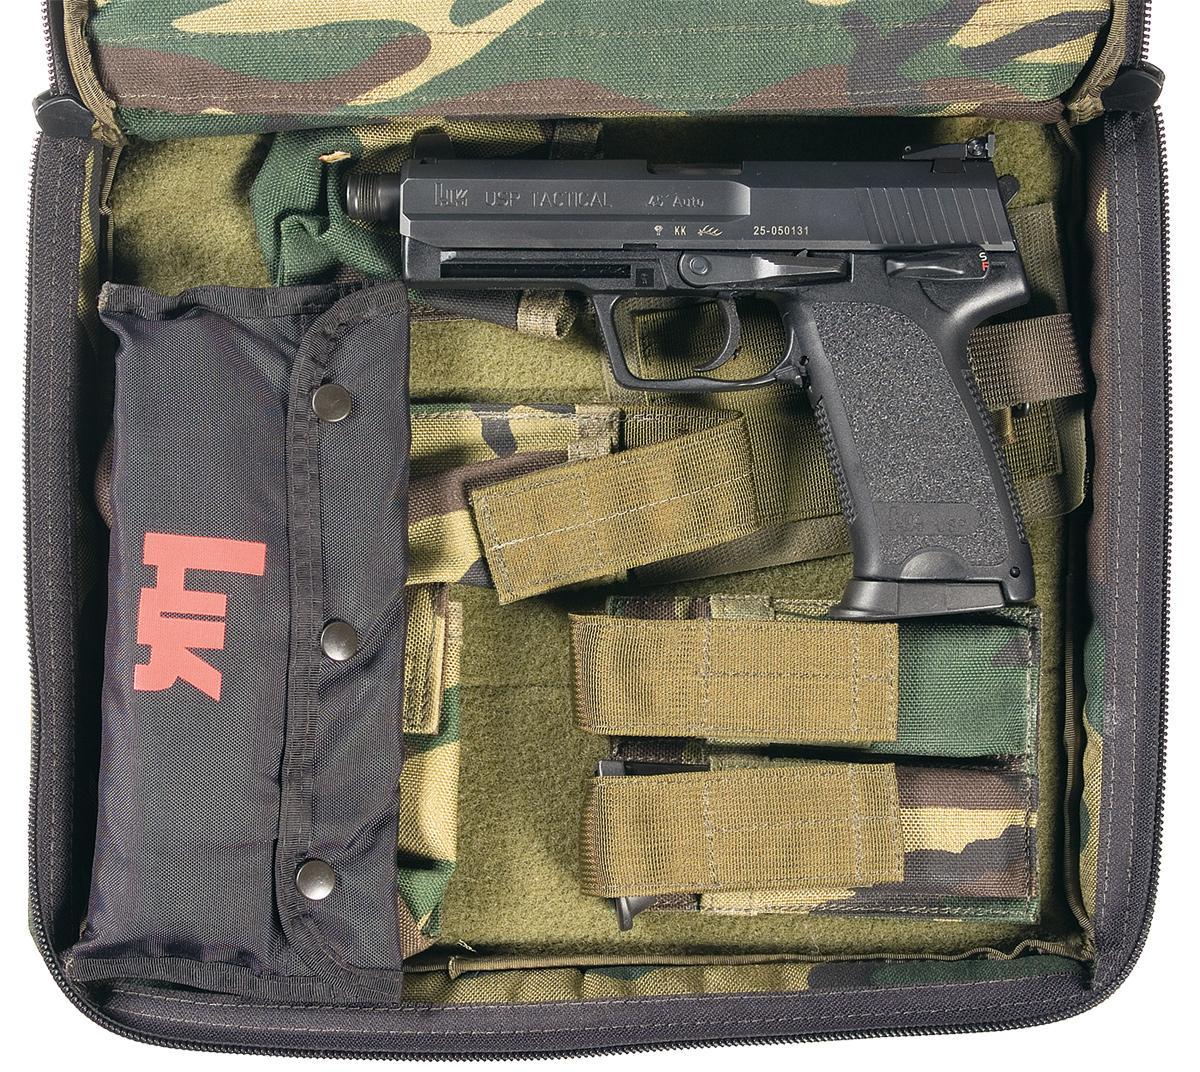 Heckler & Koch Model USP 45 Tactical with Case